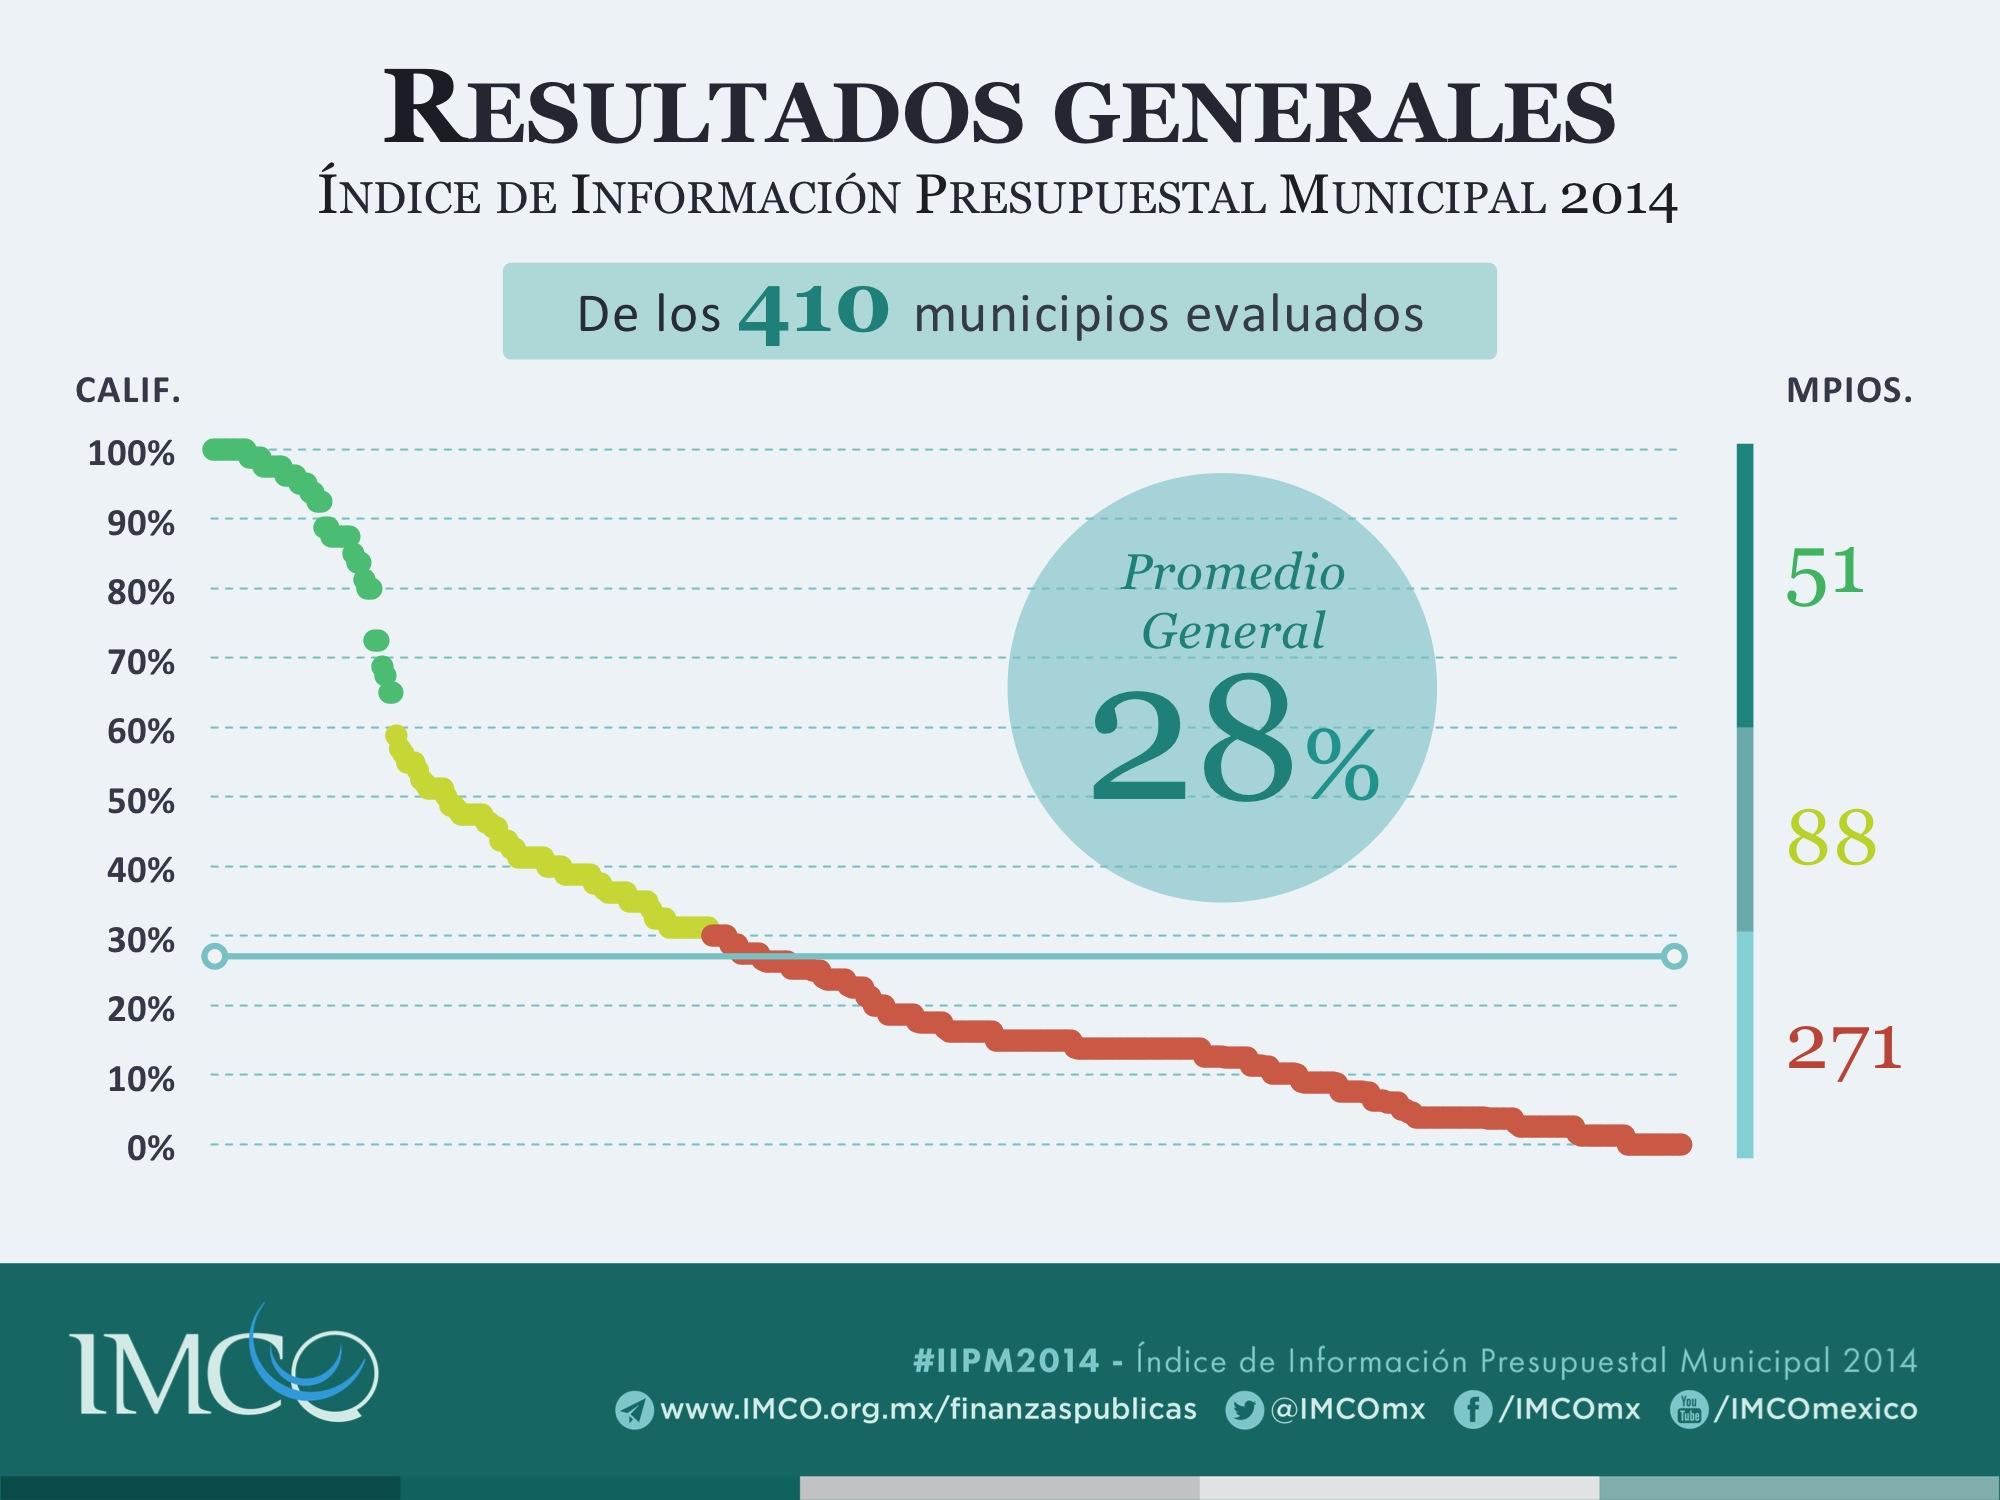 Índice de Información Presupuestal Municipal 2014 Resultados generales